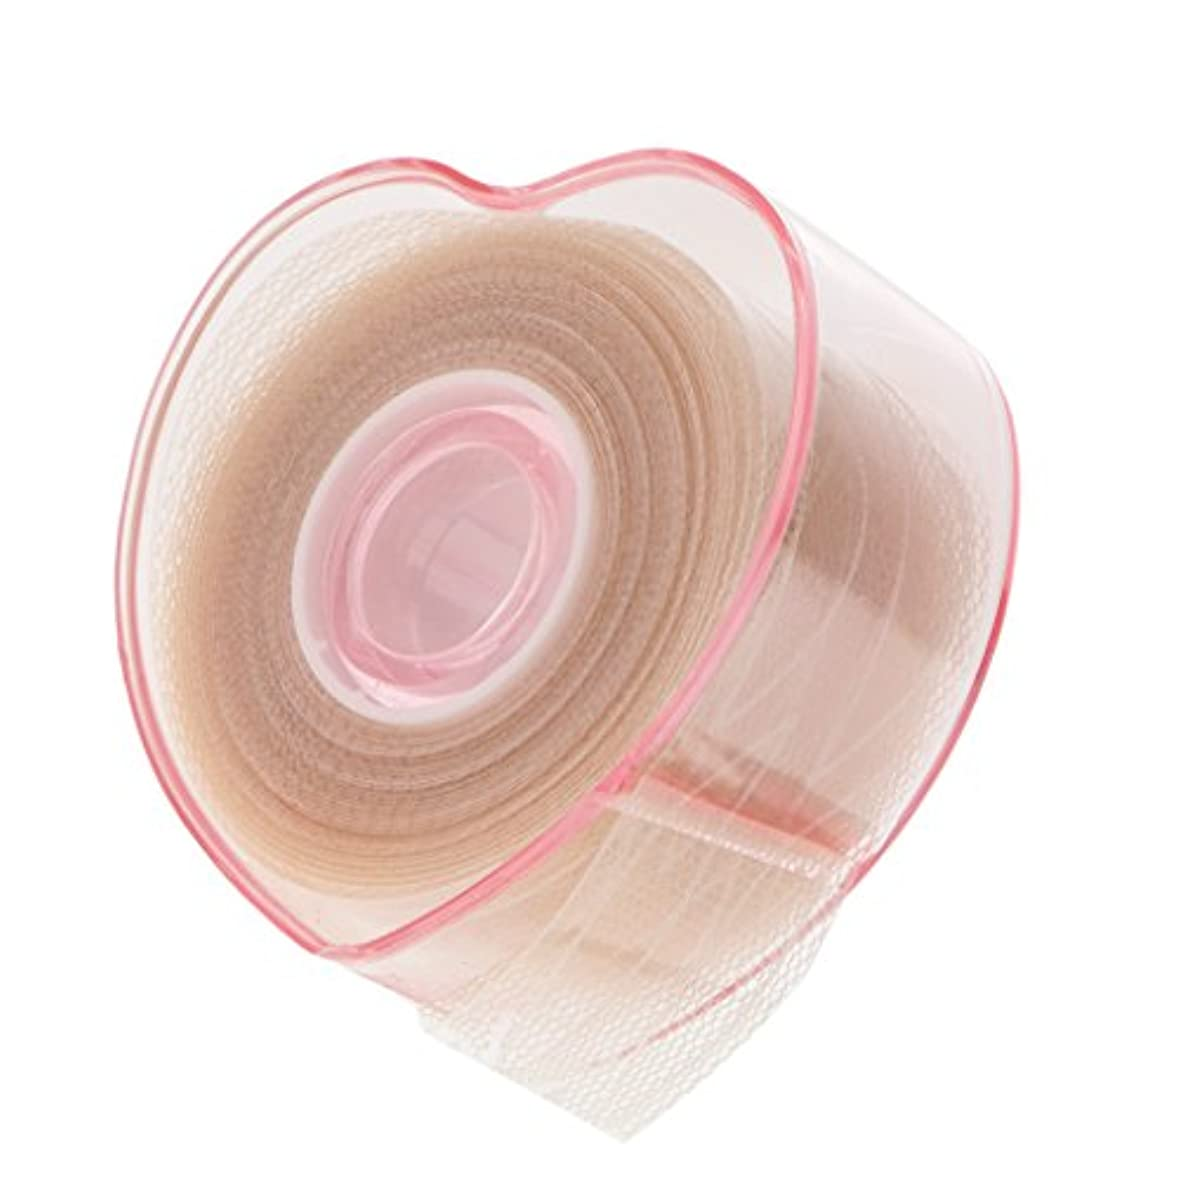 アイドル浮浪者砂漠Toygogo 二重まぶたロール まつ毛テープ まつ毛ロール レース メッシュ 粘着性なし メイクアップ 4タイプ選べる - C